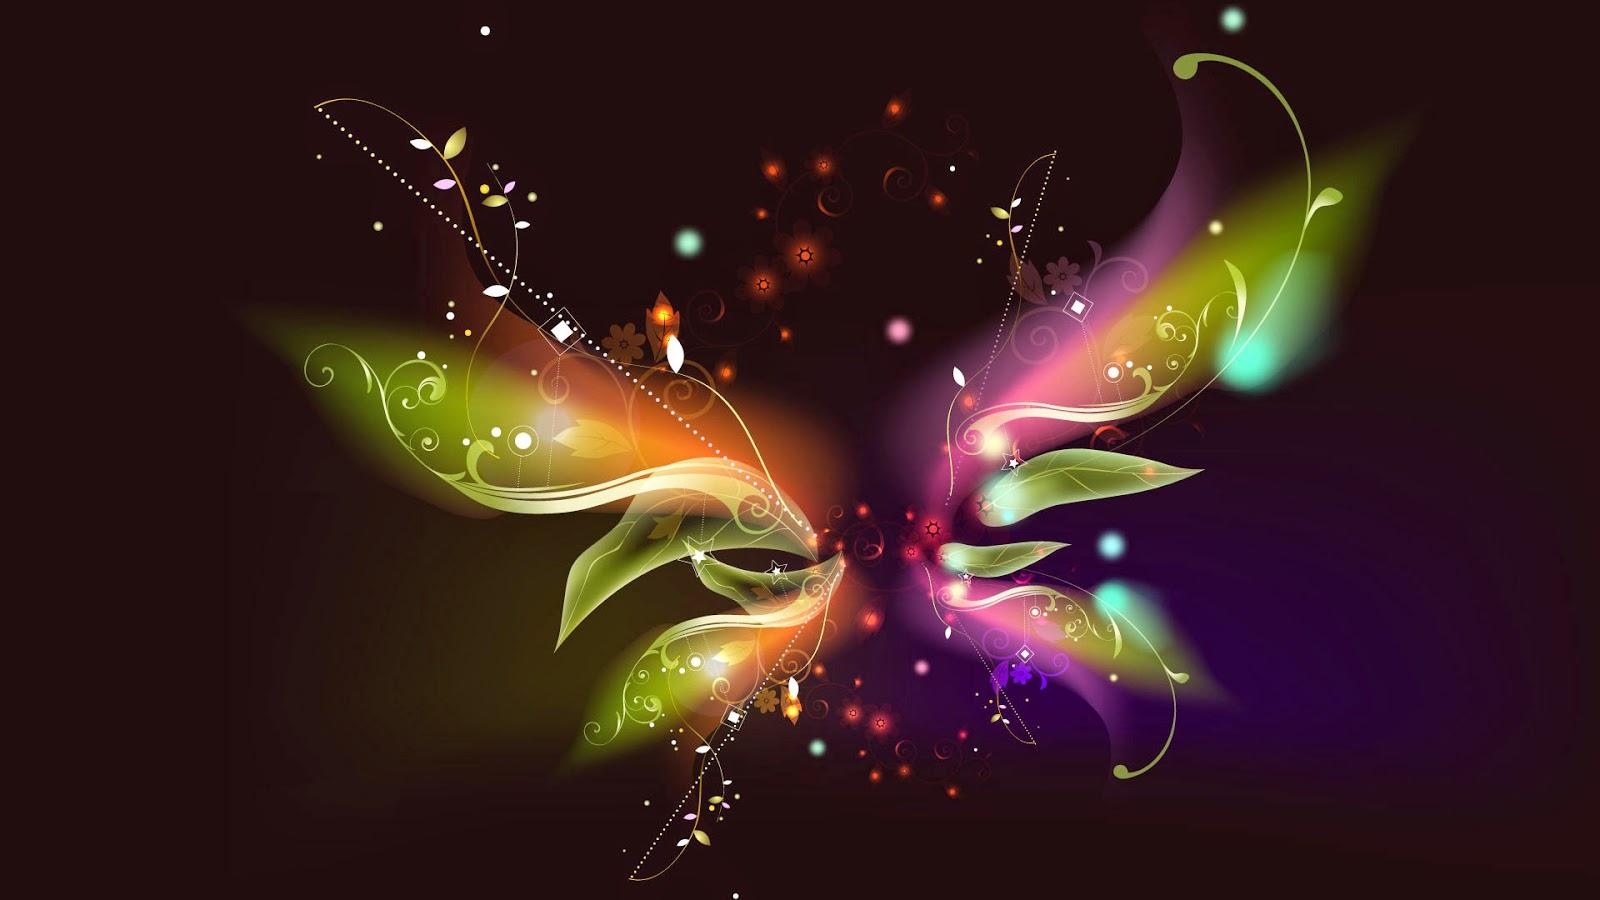 اجمل خلفيات الفراشات